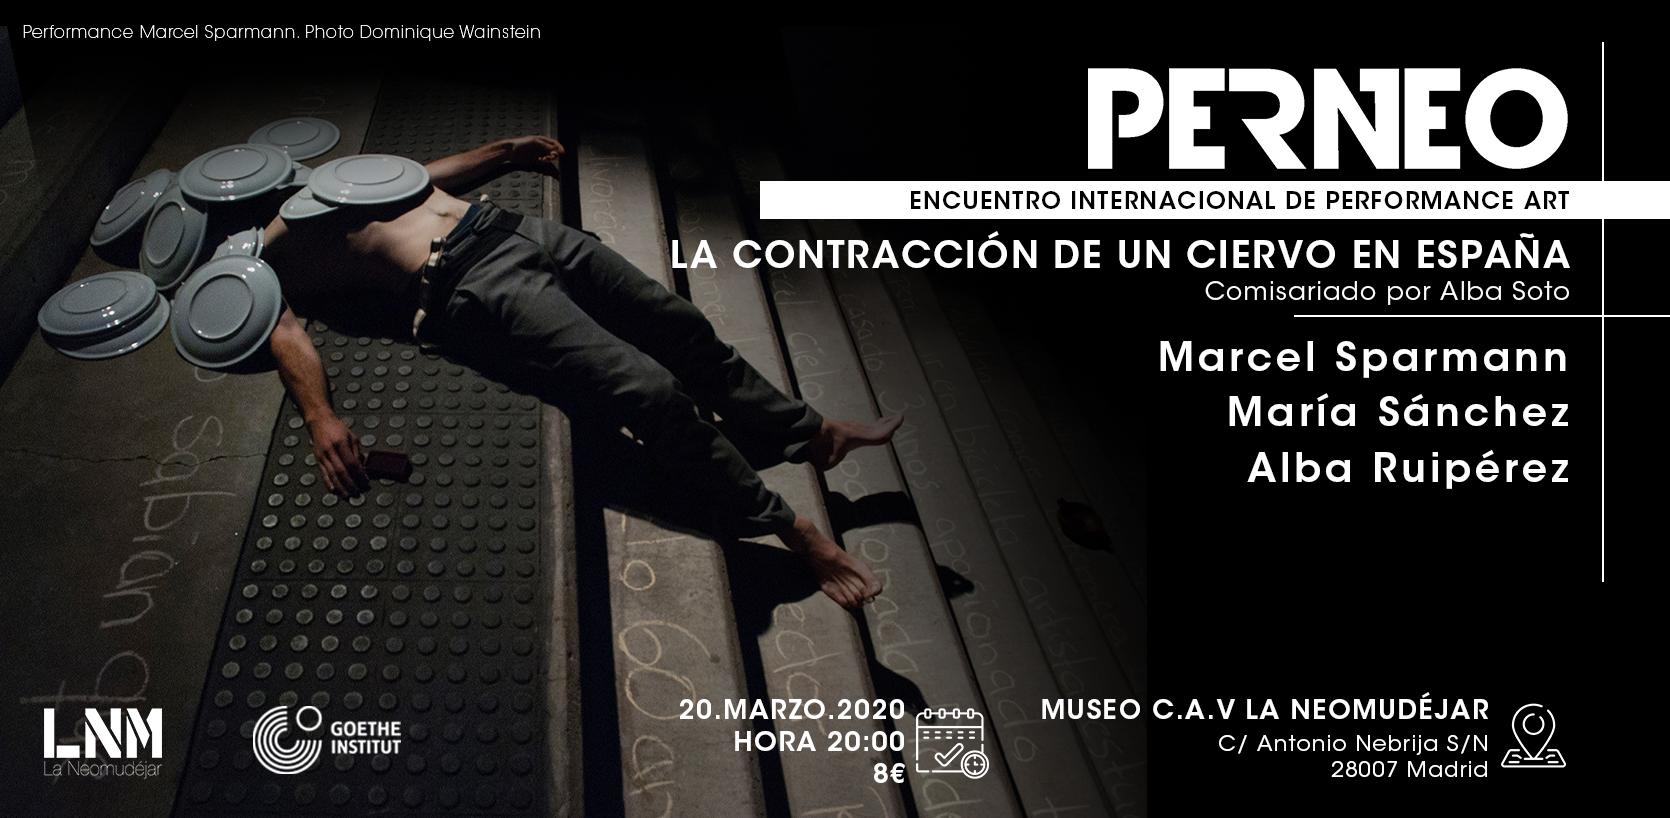 perneo_performance